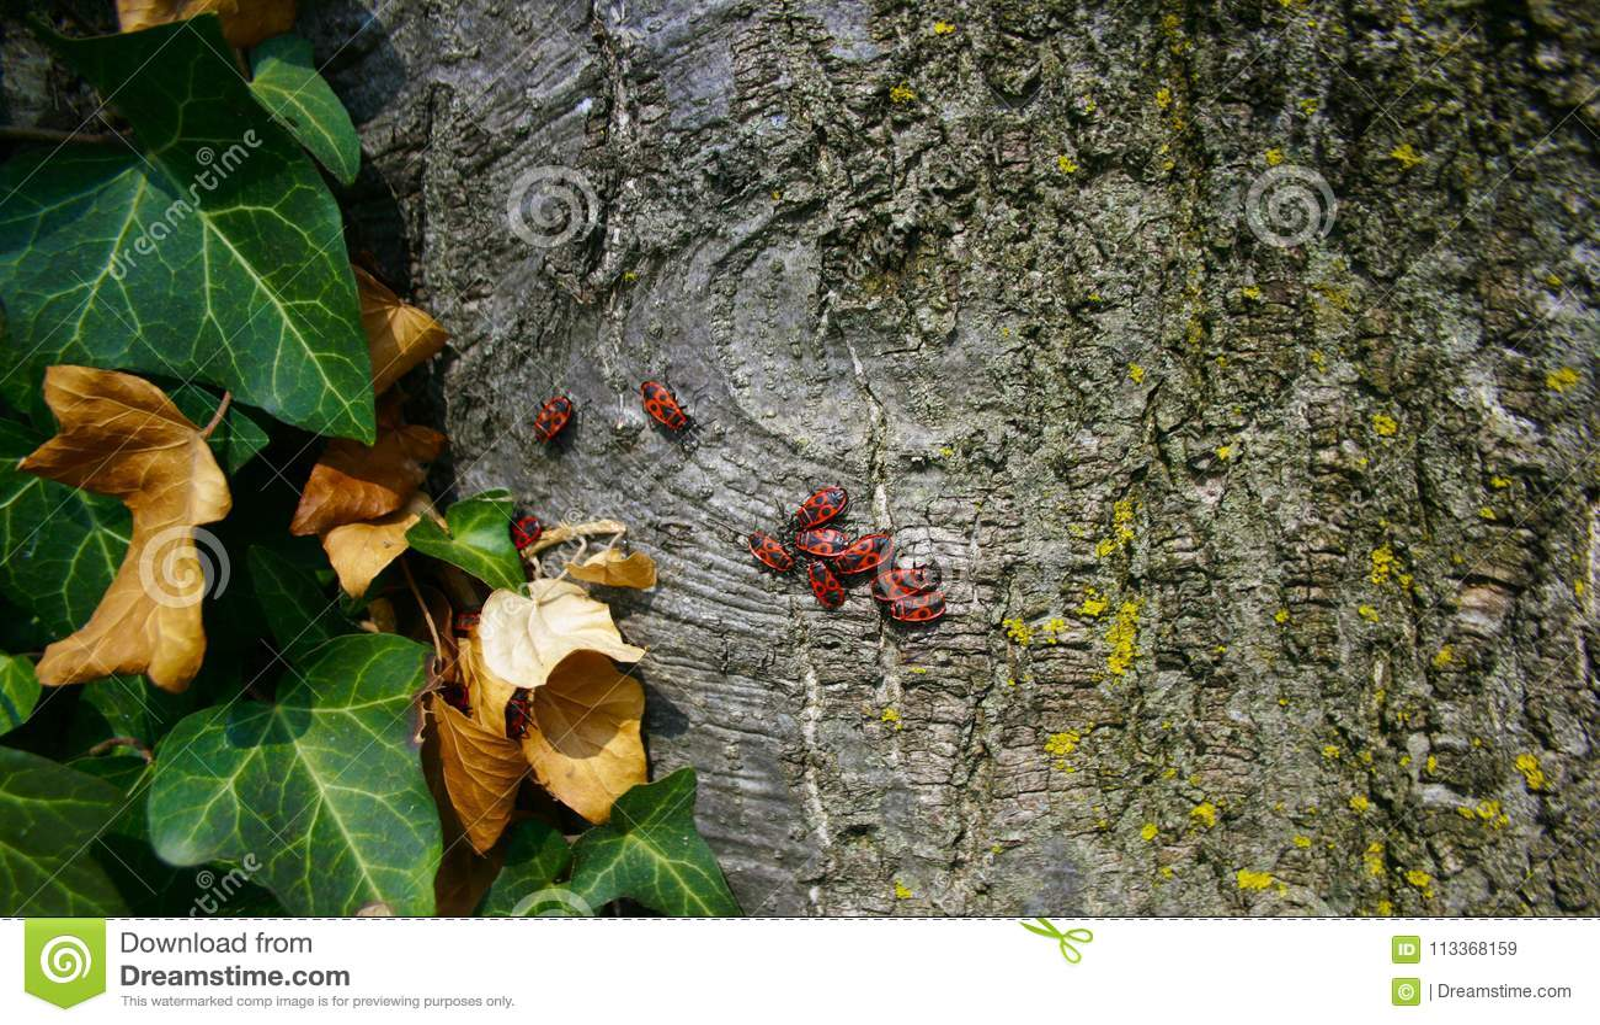 Insectes sur l arbre